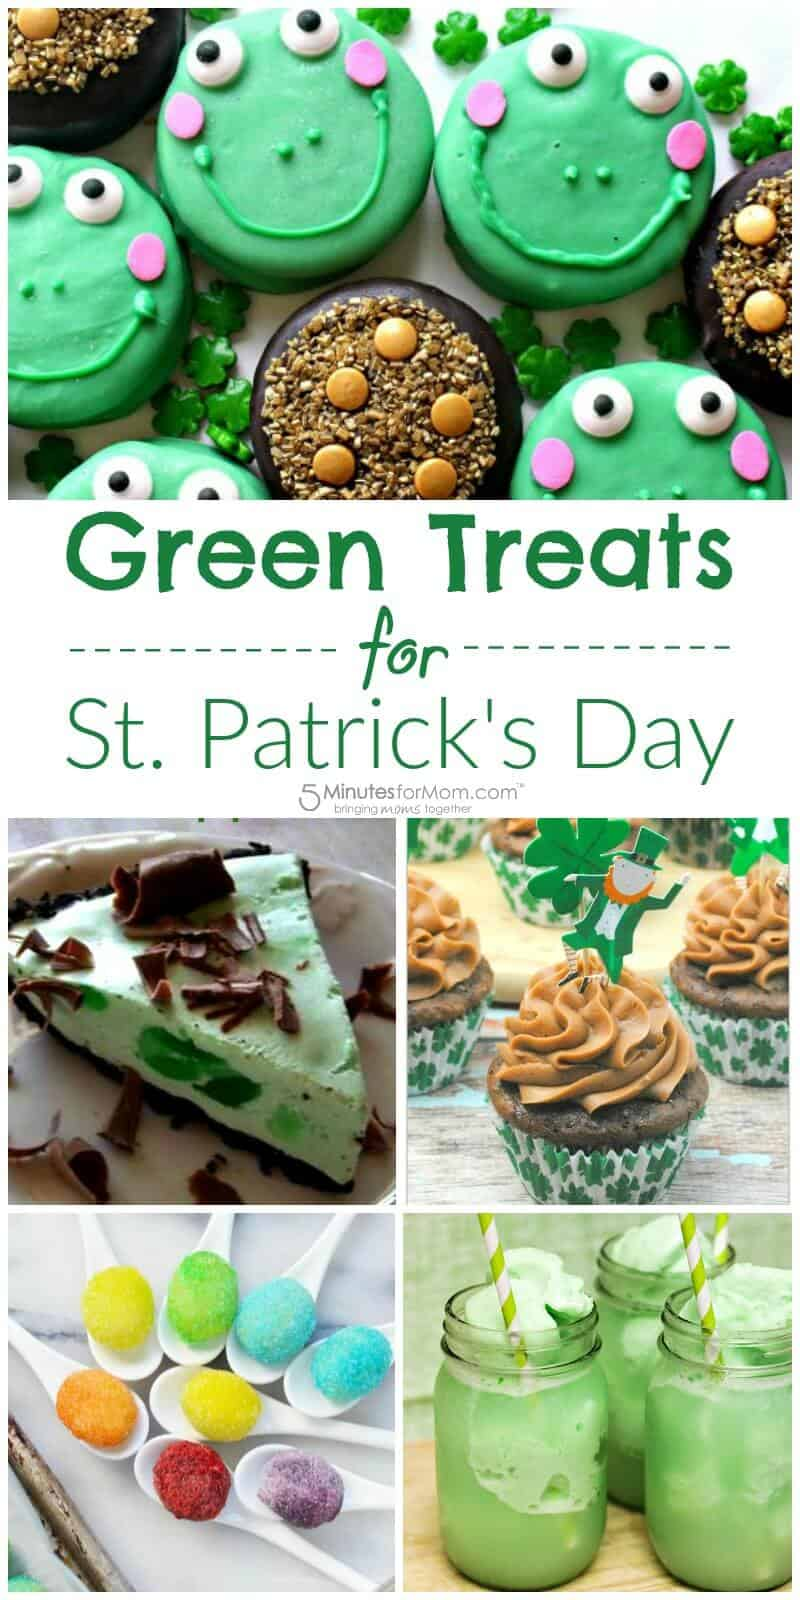 Green Treats for St Patricks Day - Fun Treats